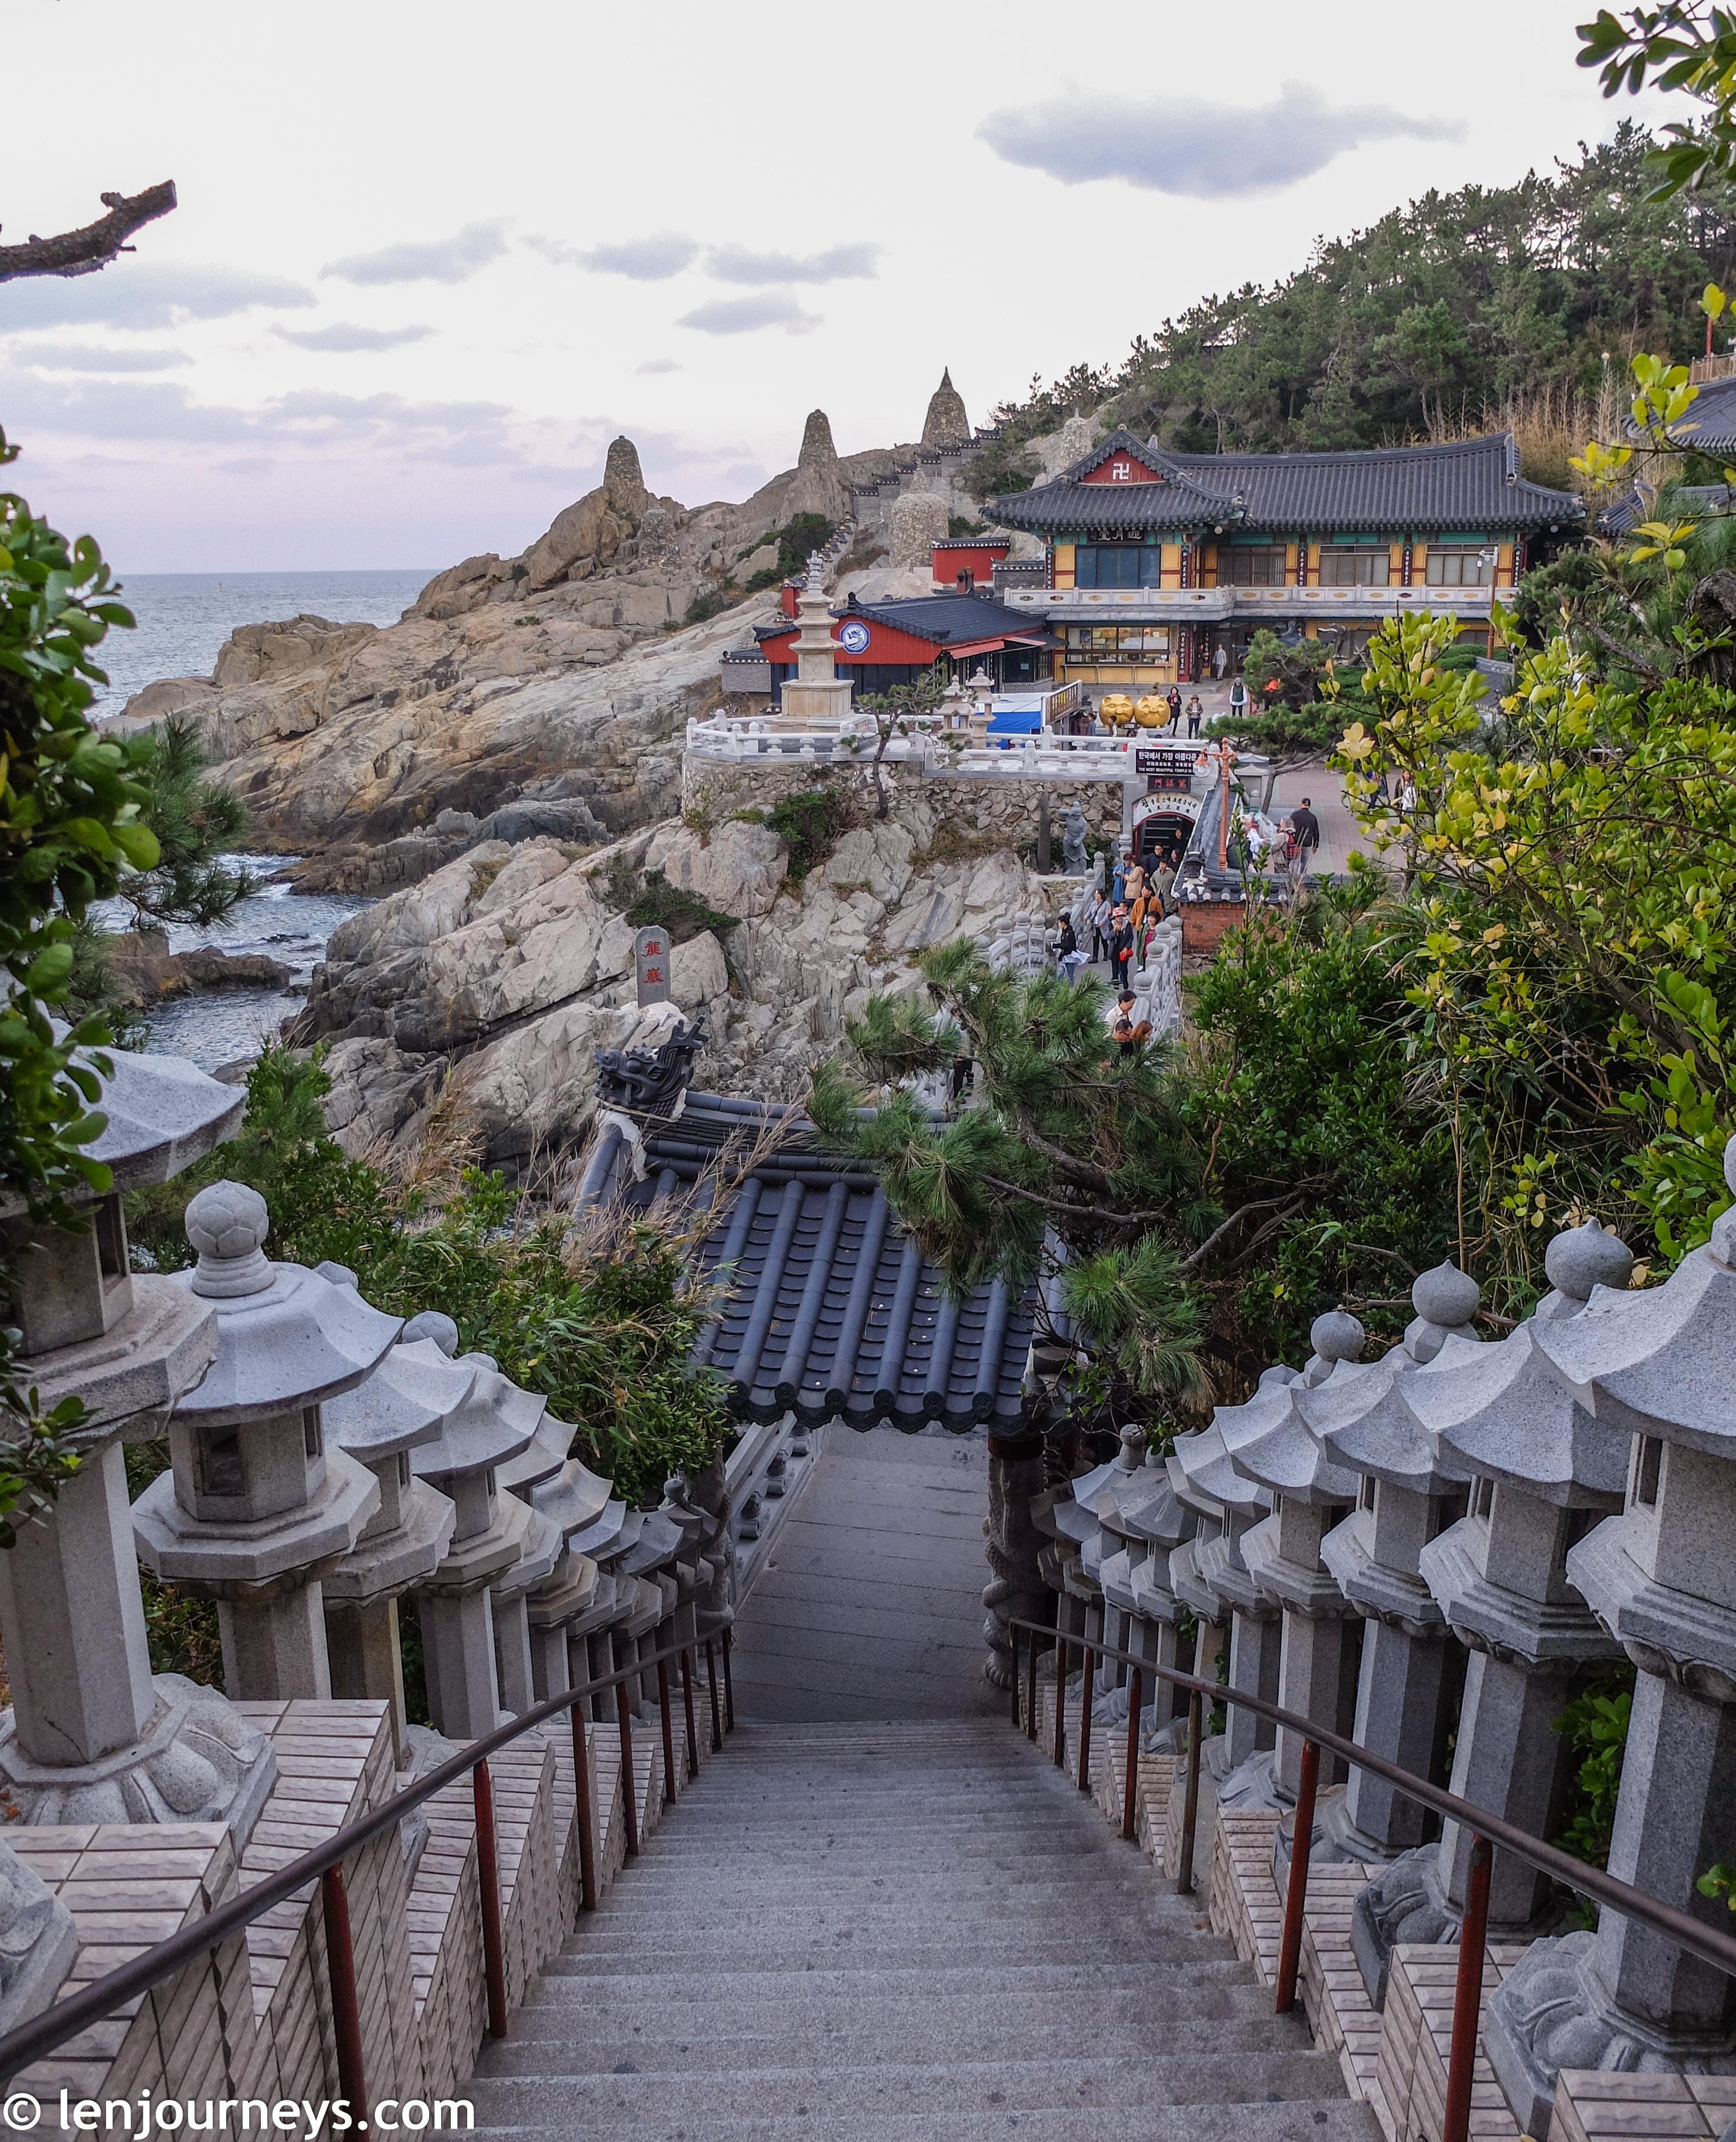 Lantern-lined path at Haedong Yonggungsa